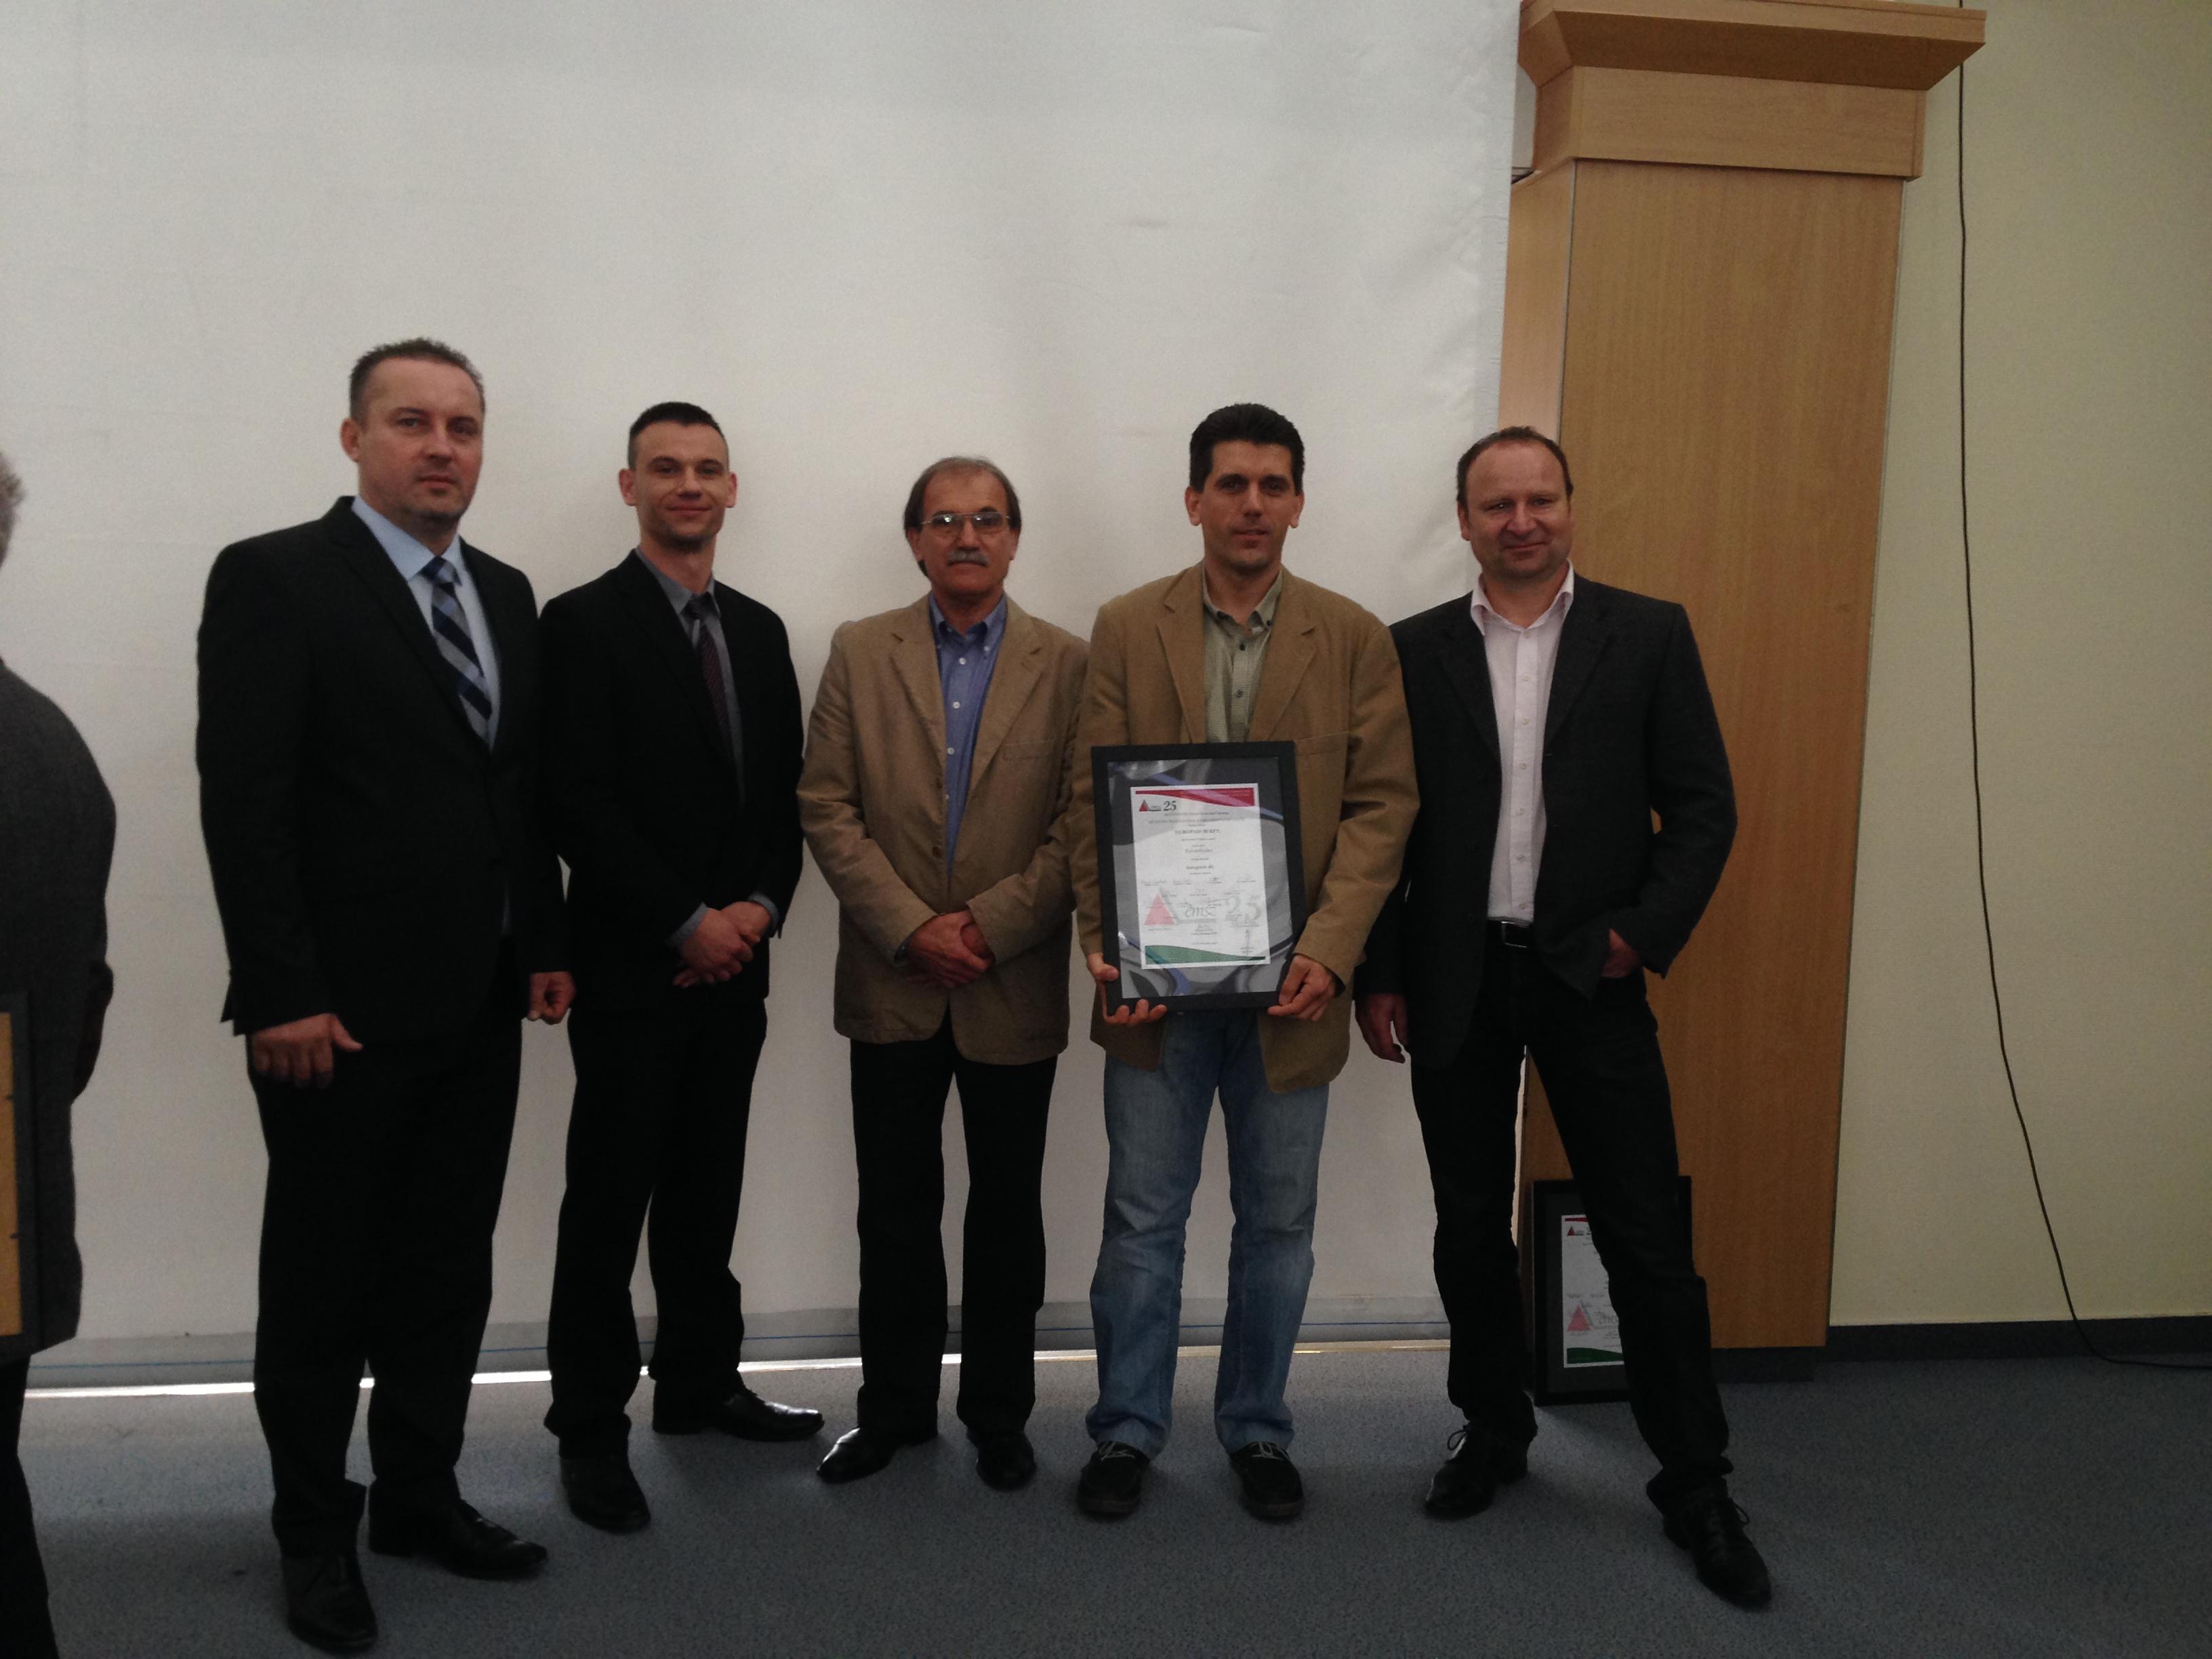 Ocenění Střecha roku HU 2013. Štefan Kubovich a Györfi Róbert (Fatra IZOLFA Zrt.), Valyon Tibor a Valyon András (Europass 90 Kft.), Jiří Kubín (Fatra, a.s.) .